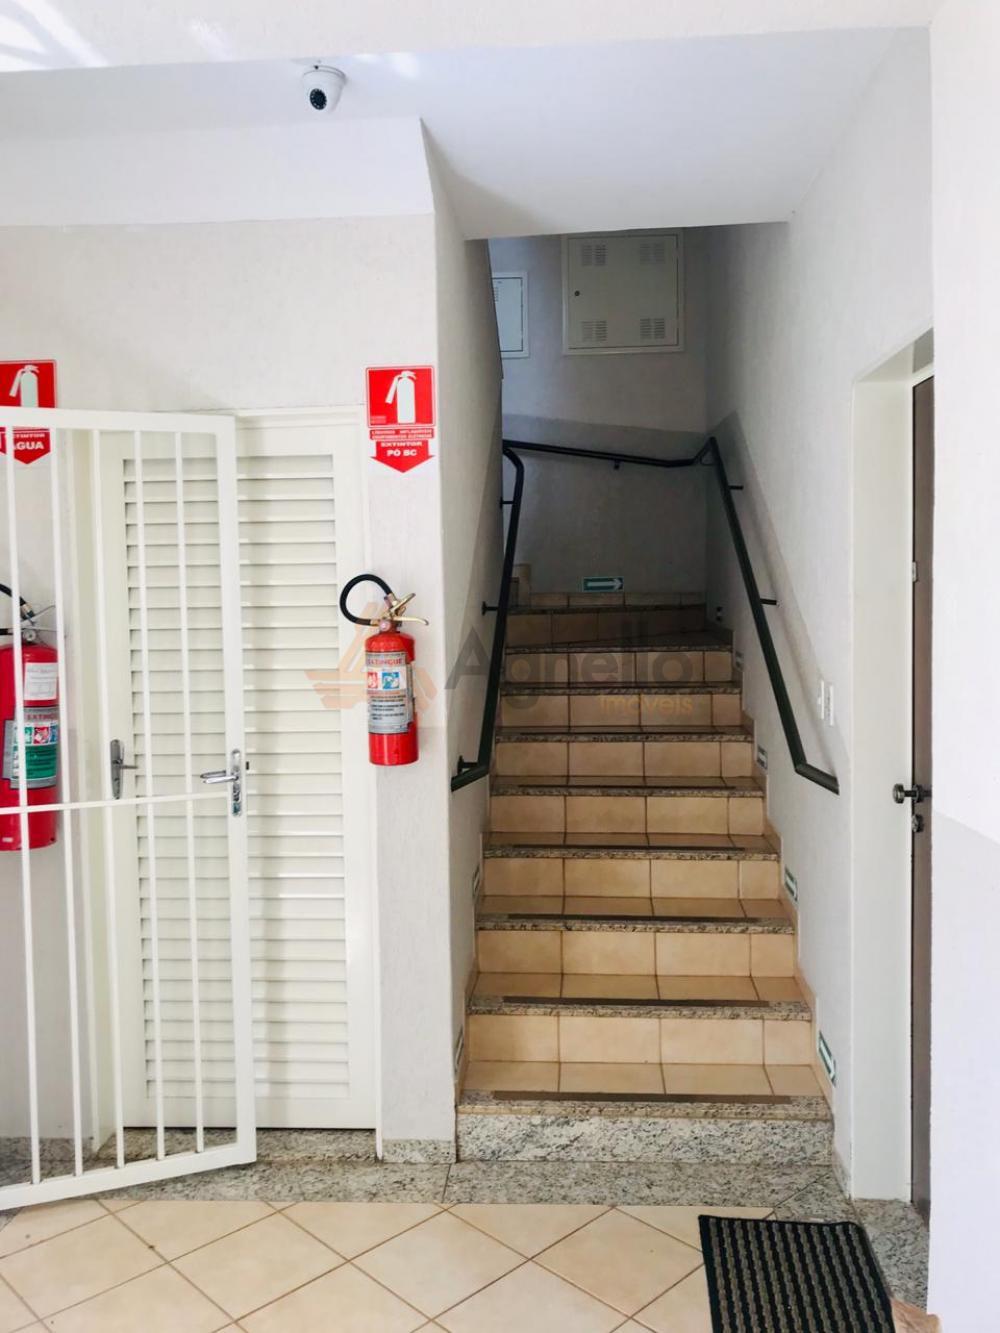 Comprar Apartamento / Padrão em Franca apenas R$ 210.000,00 - Foto 5